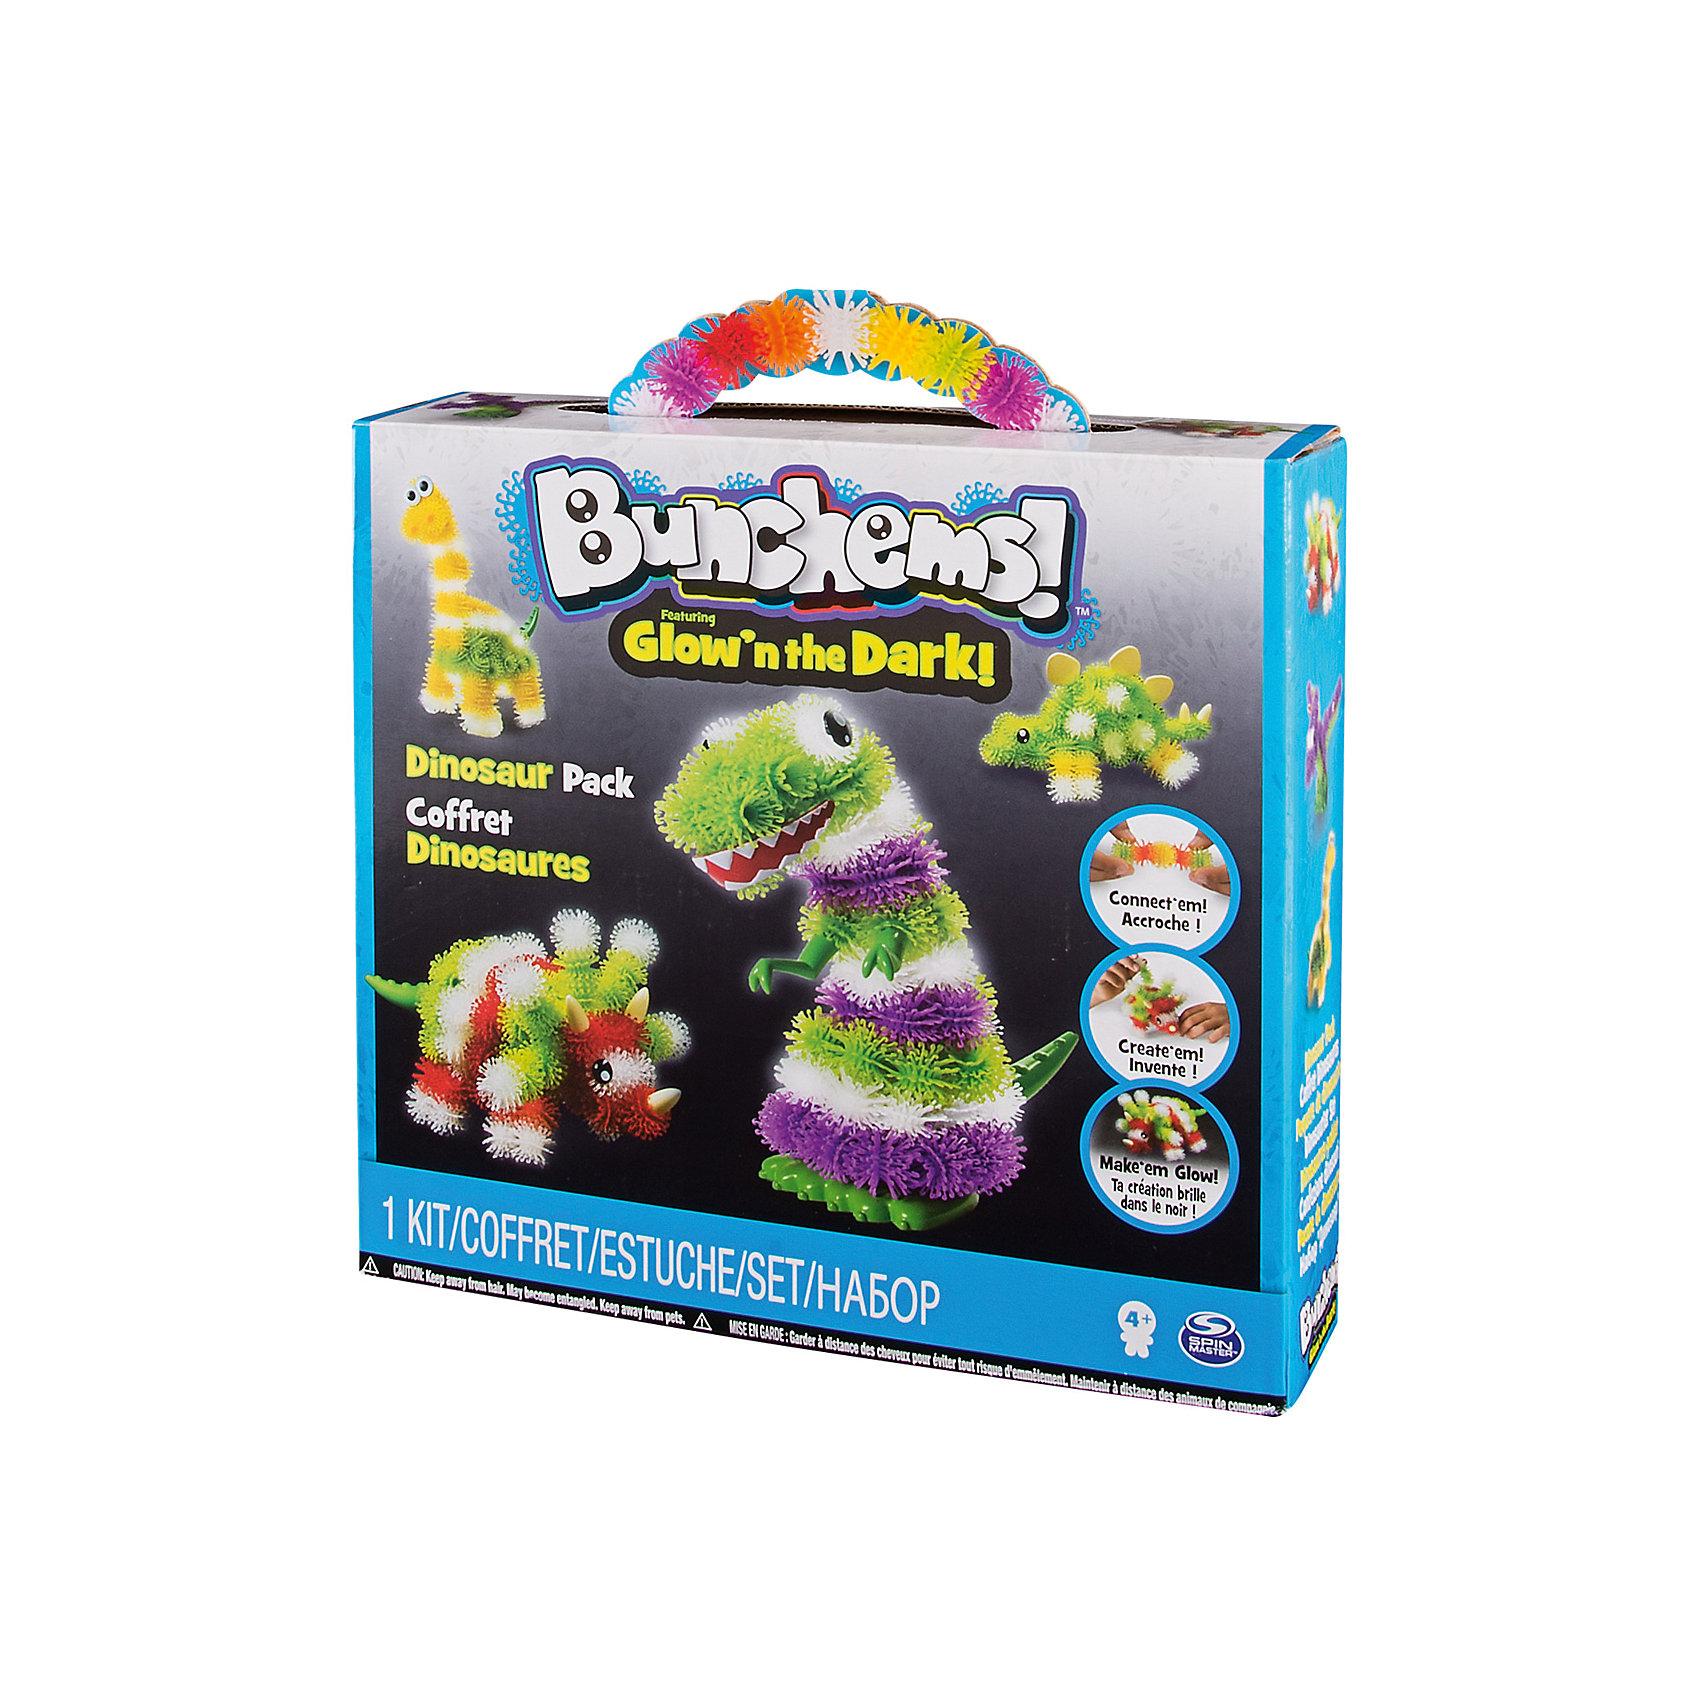 Тематический набор Динозавр (светится в темноте), BunchemsПластмассовые конструкторы<br>Тематический набор Динозавр (светится в темноте), Bunchems (Банчемс).<br><br>Характеристики:<br><br>- Возраст: от 4 лет<br>- Для мальчиков и девочек<br>- В наборе: 40 светящихся в темноте белых шариков Bunchems, 40 зеленых шариков Bunchems, 40 фиолетовых шариков Bunchems, 40 желтых шариков Bunchems, 40 красных шариков Bunchems, 14 дополнительных аксессуаров (глаза, шипы, зубы, лапы, хвост, иллюстрированная инструкция<br>- Диаметр шарика Bunchems: 2 см.<br>- Материал: мягкий качественный нетоксичный пластик, окрашенный в яркие цвета гипоаллергенными красителями<br>- Упаковка: картонная коробка с ручкой<br>- Размер упаковки: 28х25х7 см.<br><br>С помощью набора Bunchems (Банчемс) Динозавр ваш ребенок соберет фигурки 4 известных ящеров – стегозавра, тираннозавра, бронтозавра и трицератопса - схемы сборки, для которых представлены в инструкции. А также, применив свою фантазию и воображение, множество других интересных фигурок. Фигурки получатся яркими, полосатыми и пятнистыми, а дополнительные аксессуары сделают образ животного более забавным. Элементы набора - шарики - с помощью мини-крючков легко соединяются между собой и также легко разъединяются, как репейник. В результате горсти таких шариков можно придавать разнообразную форму. Для лучшего сцепления необходимо как можно плотнее прижимать детали. Получившиеся модели не разваливаются, с ними можно играть дома, на улице, в ванной – где угодно! Шарики окрашены в 4 цвета: желтый, зеленый, красный, фиолетовый. Еще одна группа шариков – фосфорные белые, благодаря чему готовые поделки светятся в темноте. Выключите лампу и смотрите, как происходят чудеса! Элементы набора выполнены из мягкого безопасного пластика, в центре шариков находятся отверстия для аксессуаров. Набор отлично развивает фантазию и пространственное мышление ребенка. С набором не рекомендуется играть детям младше 4 лет. Перед игрой у девочек волосы следует собрать в хво